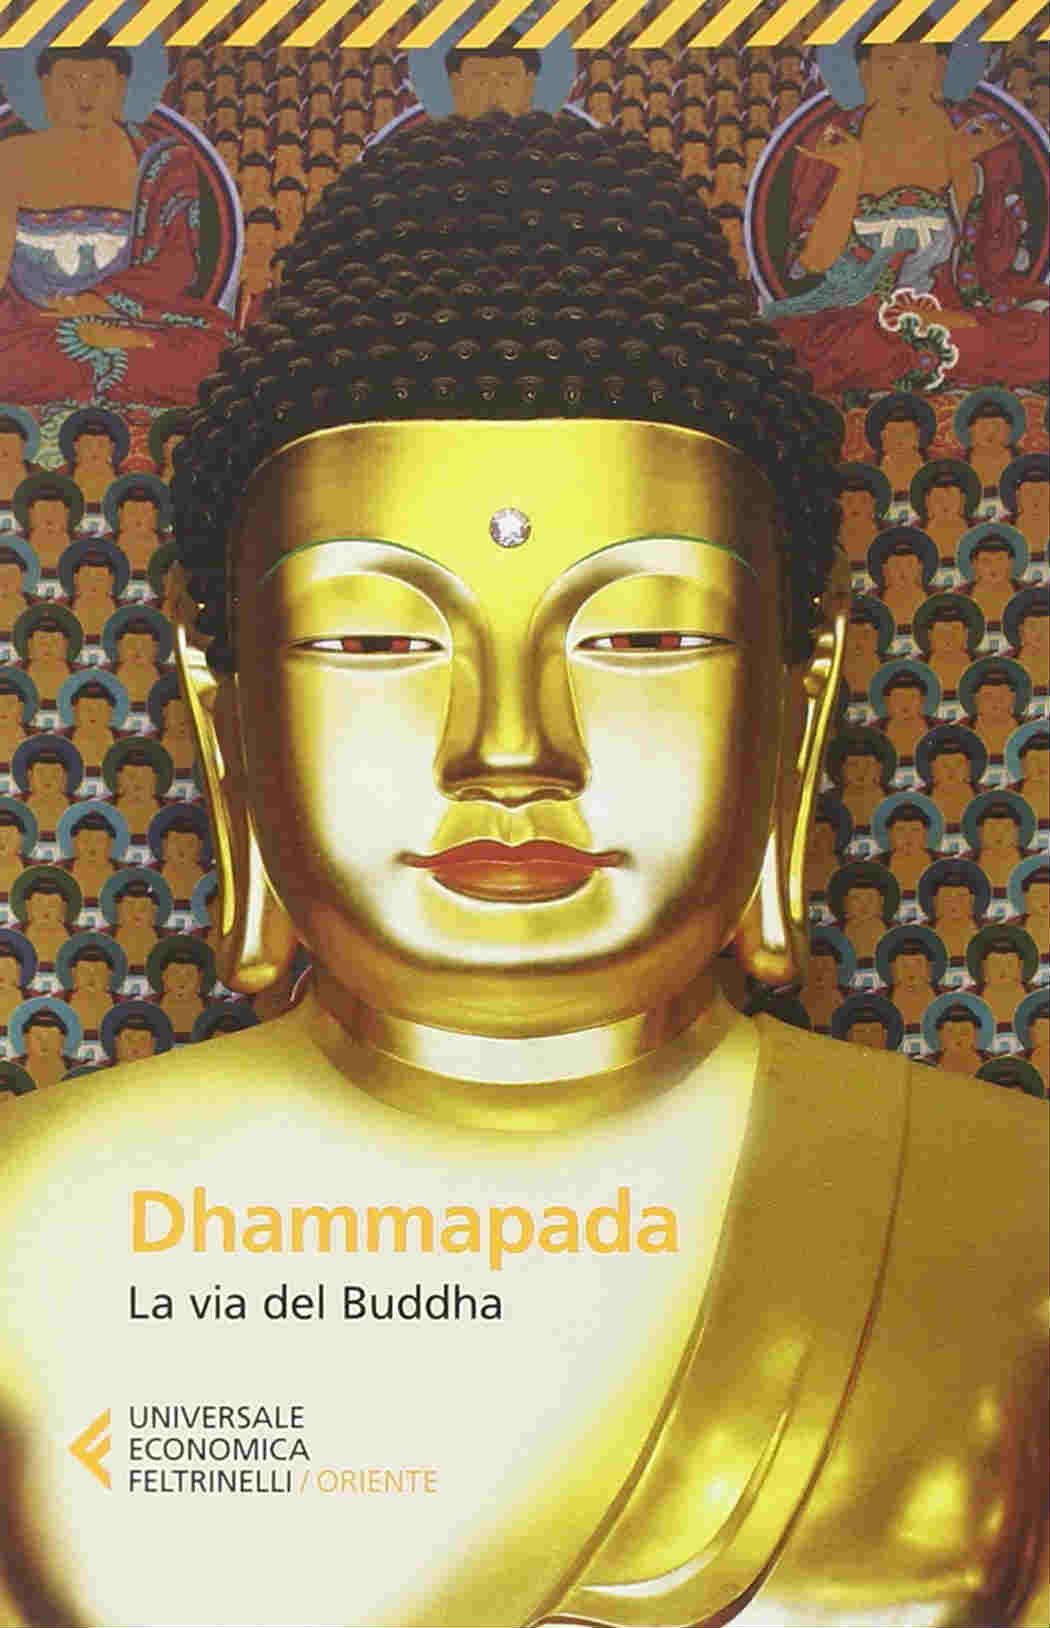 the dhammapada Según la tradición, los versos del dhammapada fueron pronunciados por buda gautama en varias ocasiones muchos de los versos tratan sobre asuntos éticos.